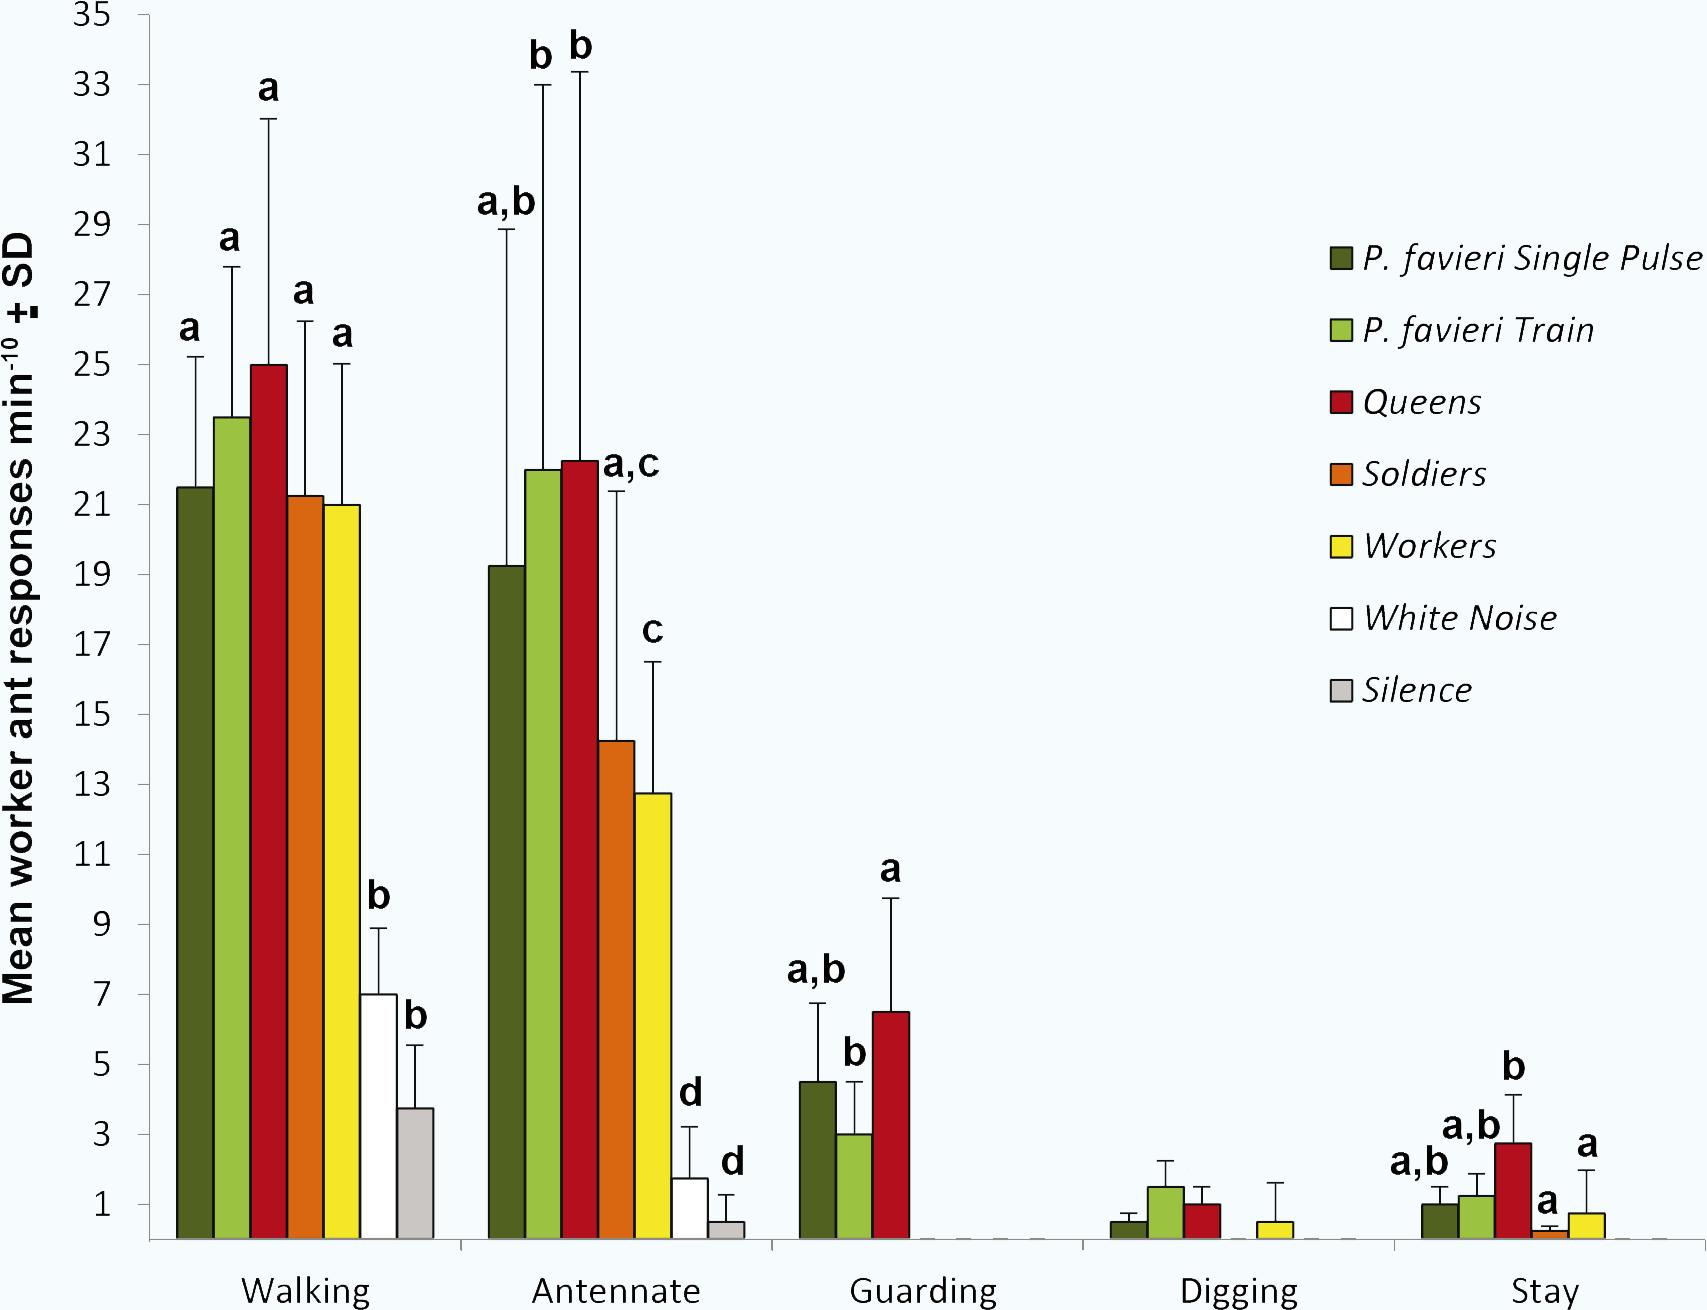 Verhaltensweisen der Ameisen nach dem Abspielen der aufgenommenen Töne doi:10.1371/journal.pone.0130541